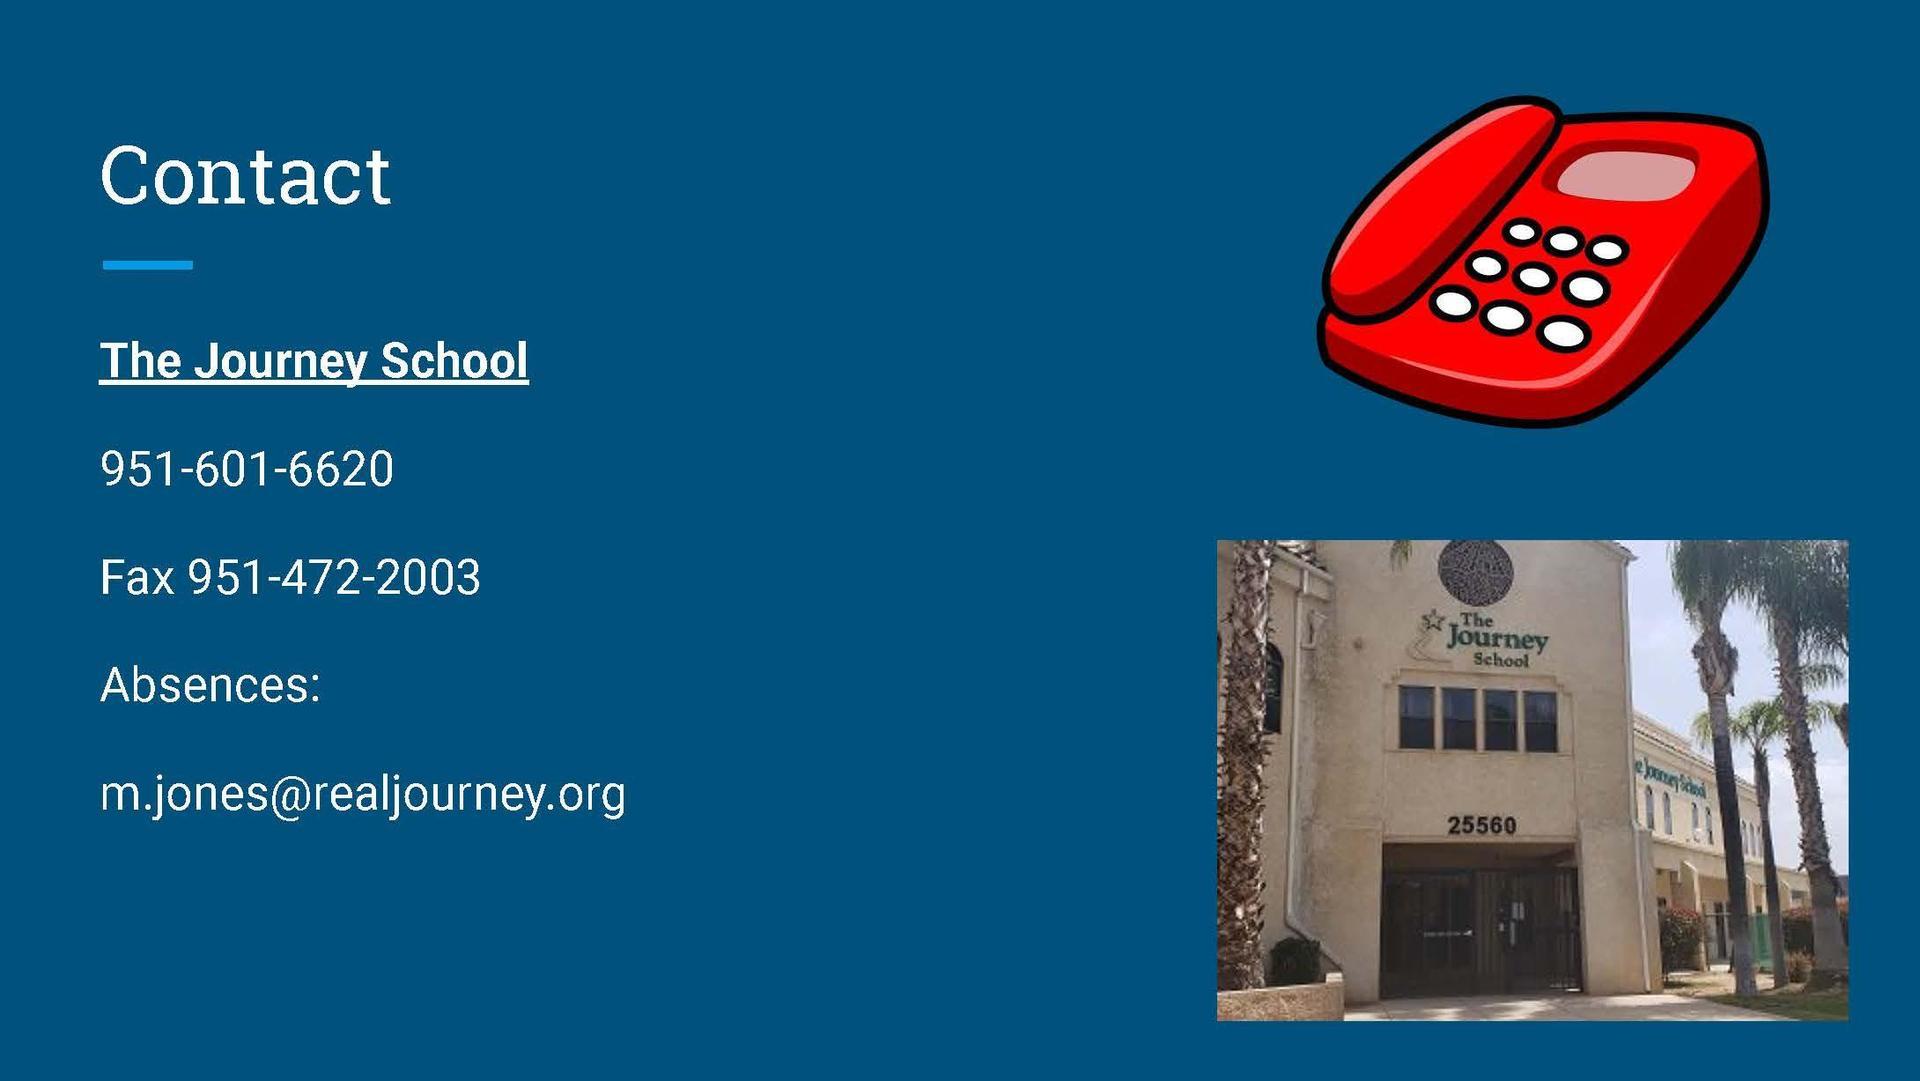 Contact us at 951-601-6620